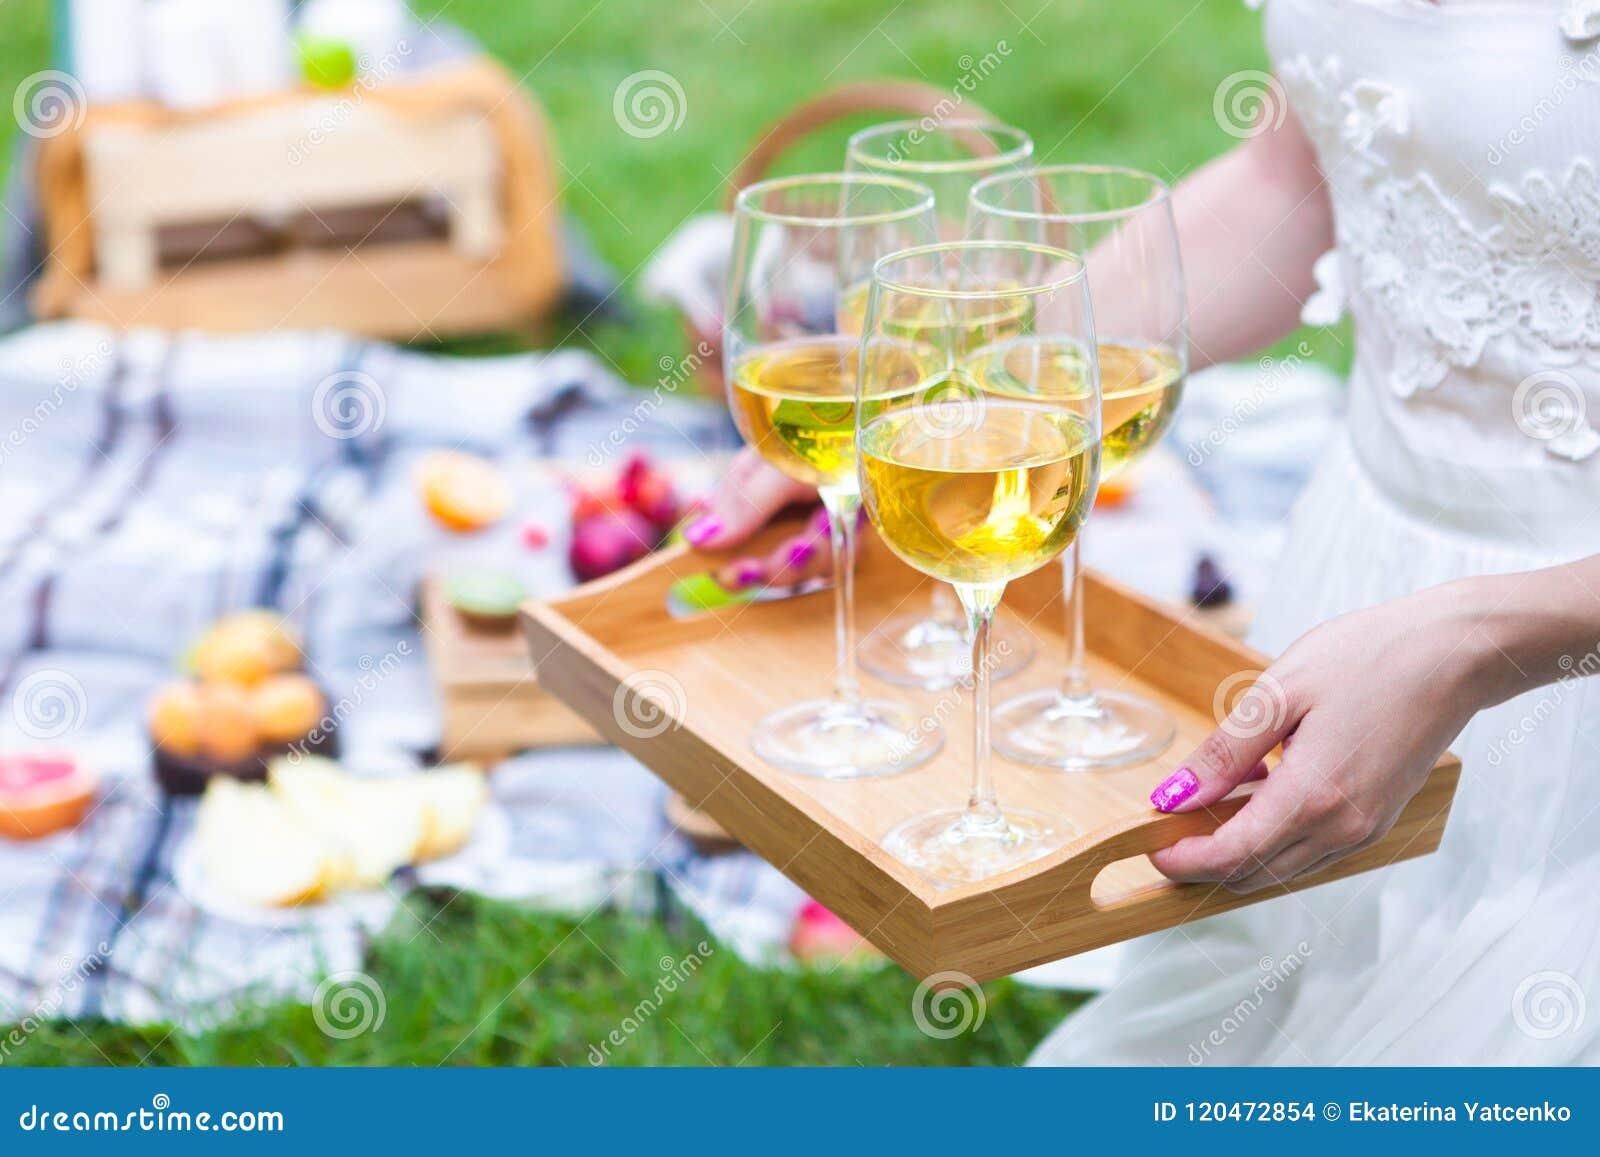 Jeune femme tenant un plat avec du vin blanc en verre à la somme de pique-nique